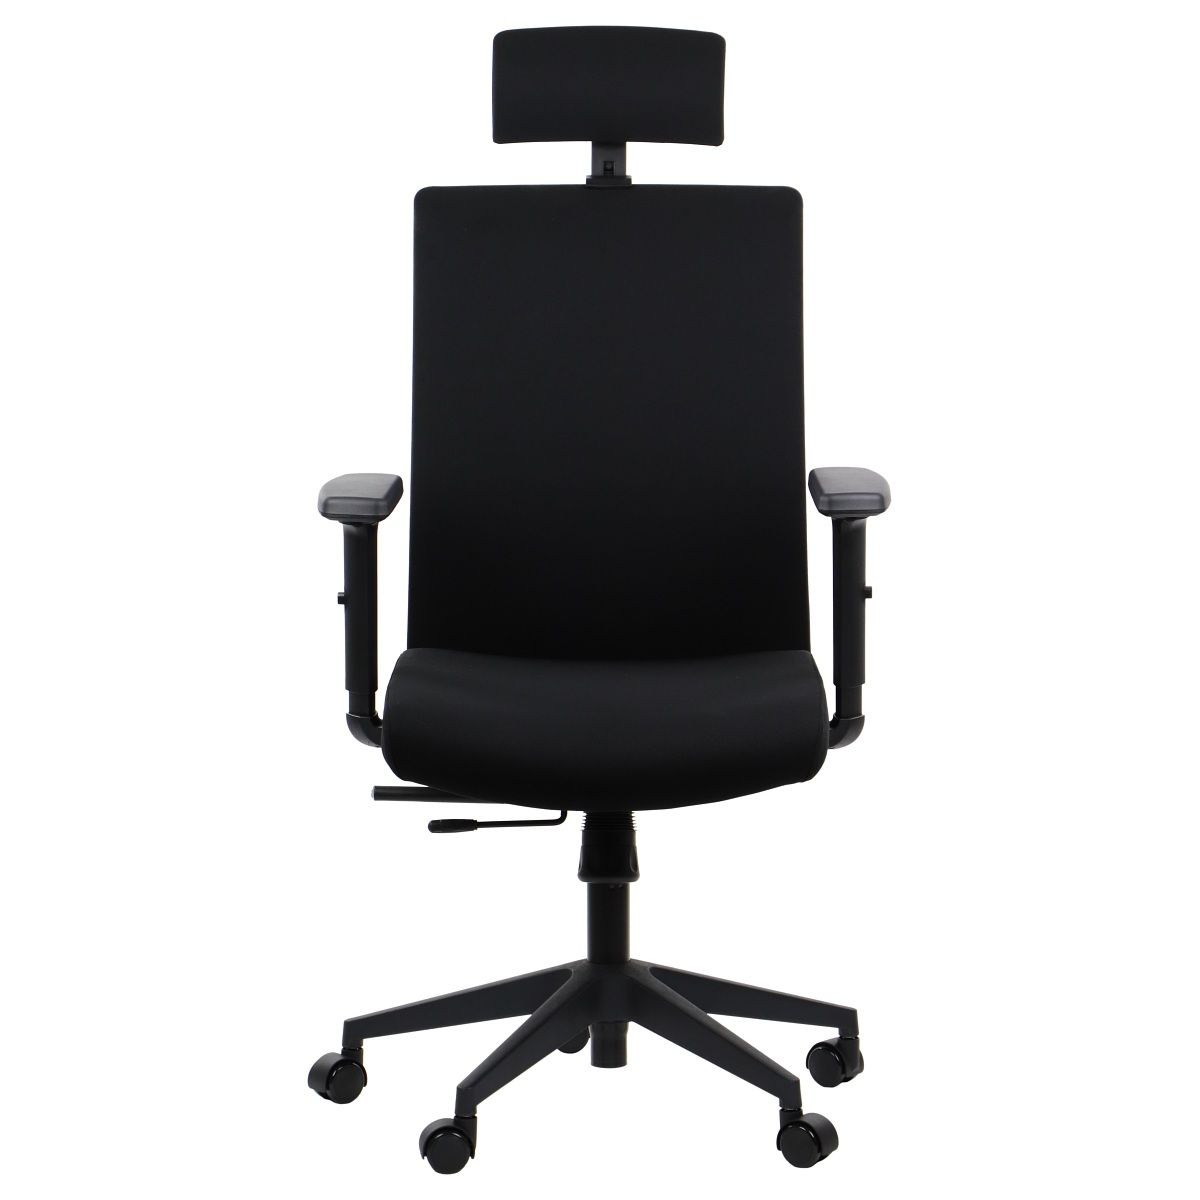 Fotel biurowy Riverton - przód